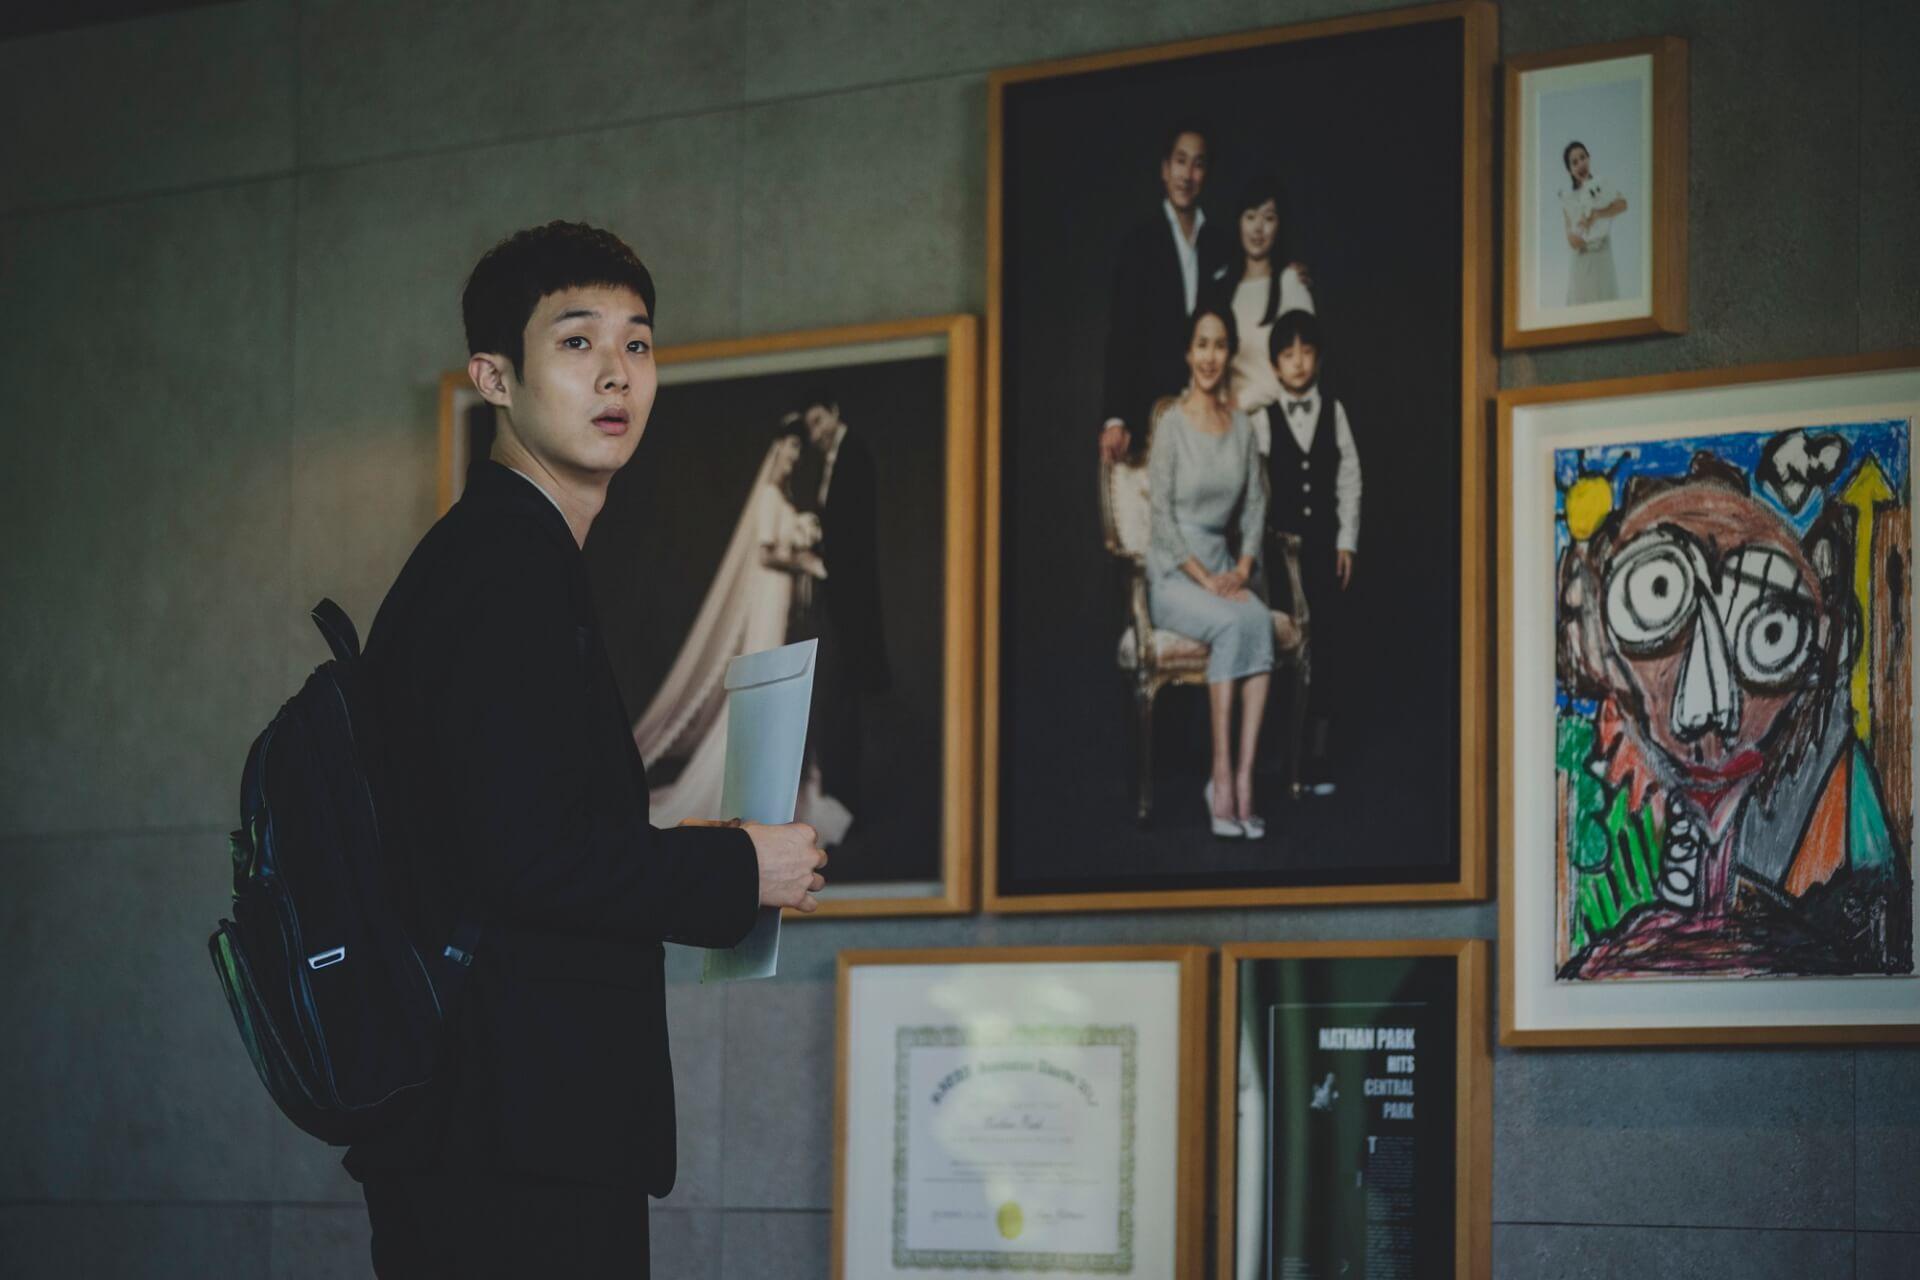 『パラサイト 半地下の家族』に日本映画界の著名人も注目!是枝裕和、西川美和、李相日らからのコメントが到着 film191025_parasite_3